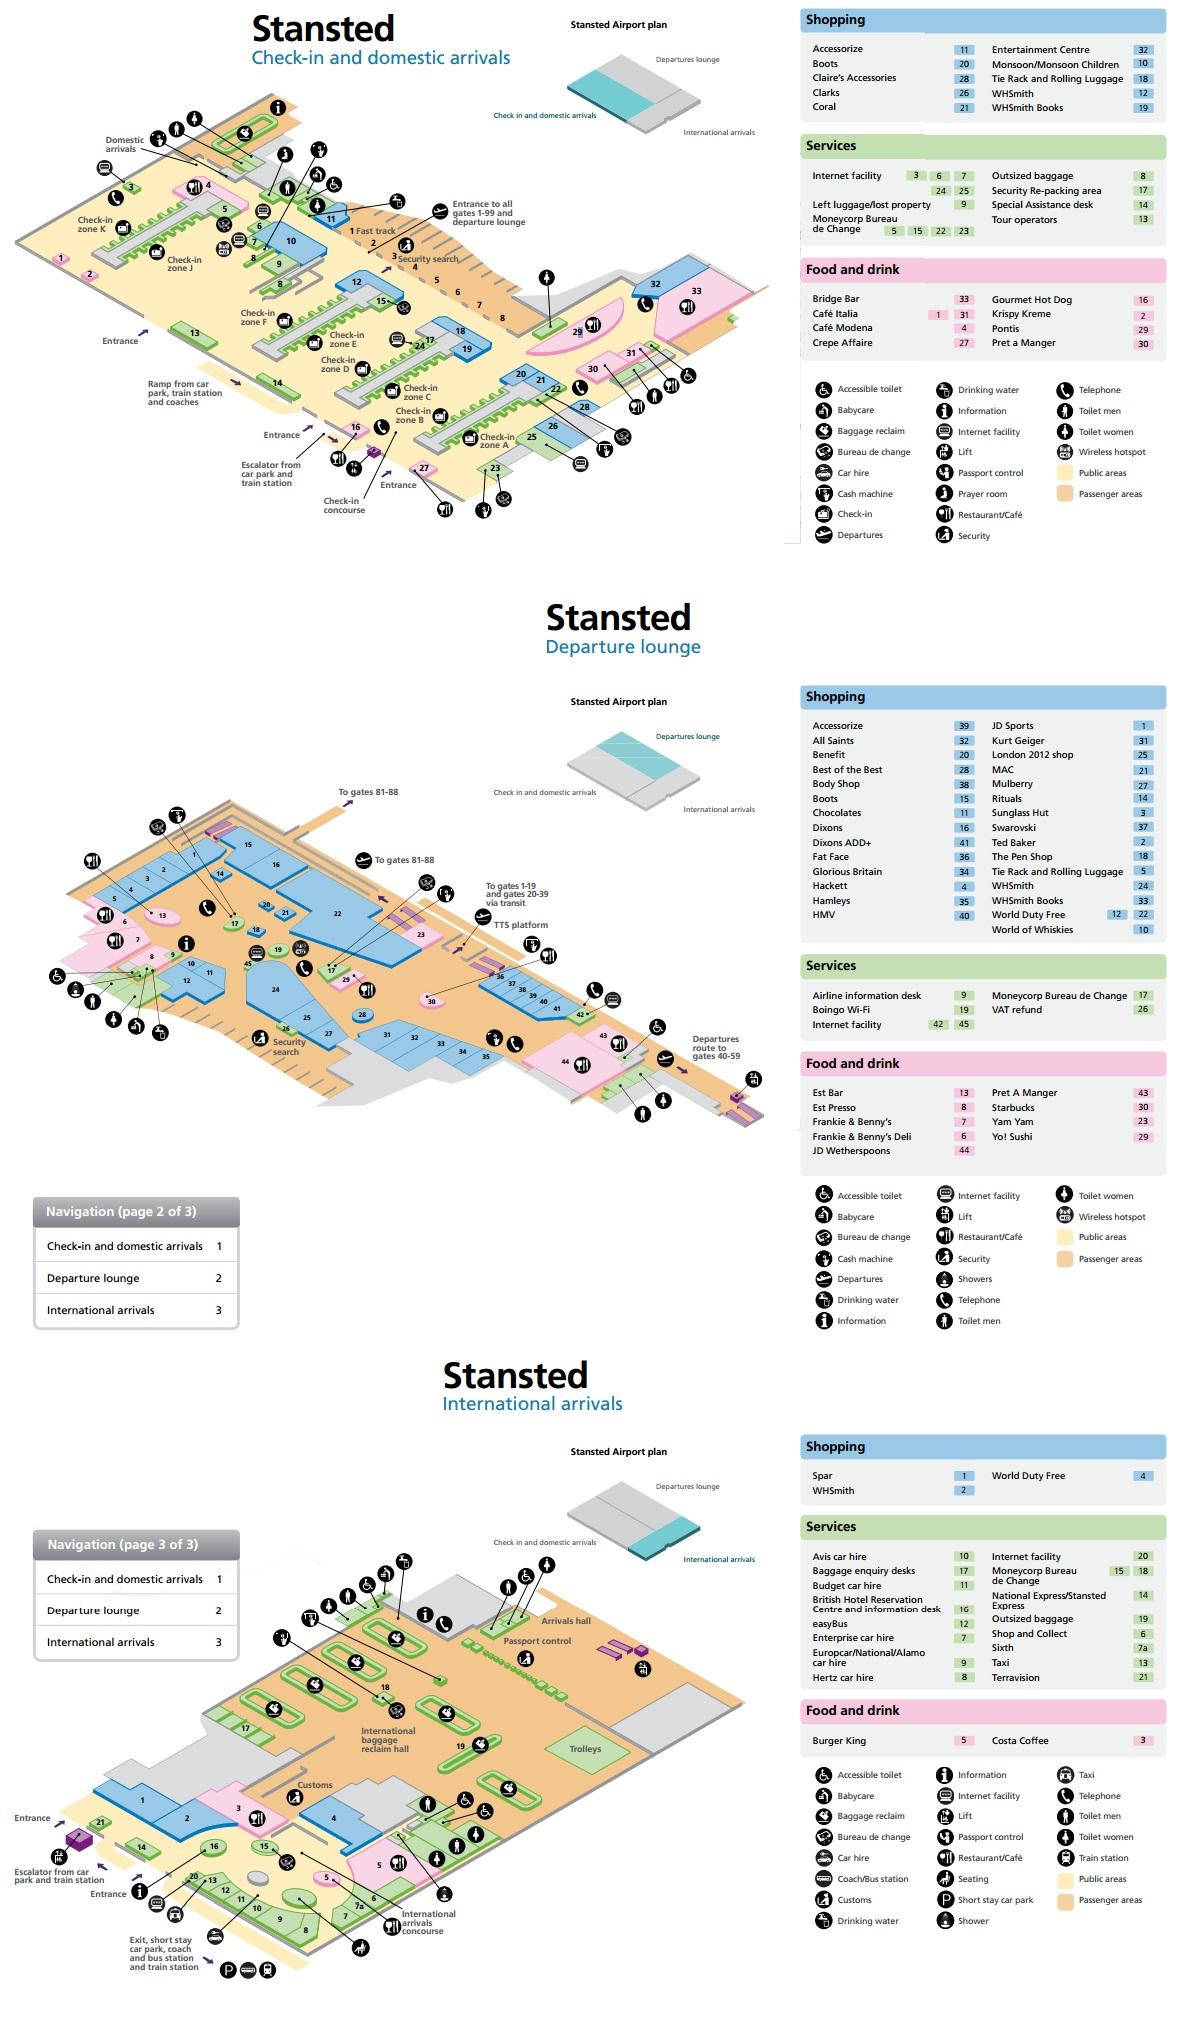 Схема аэропорта Лондона Стансхед